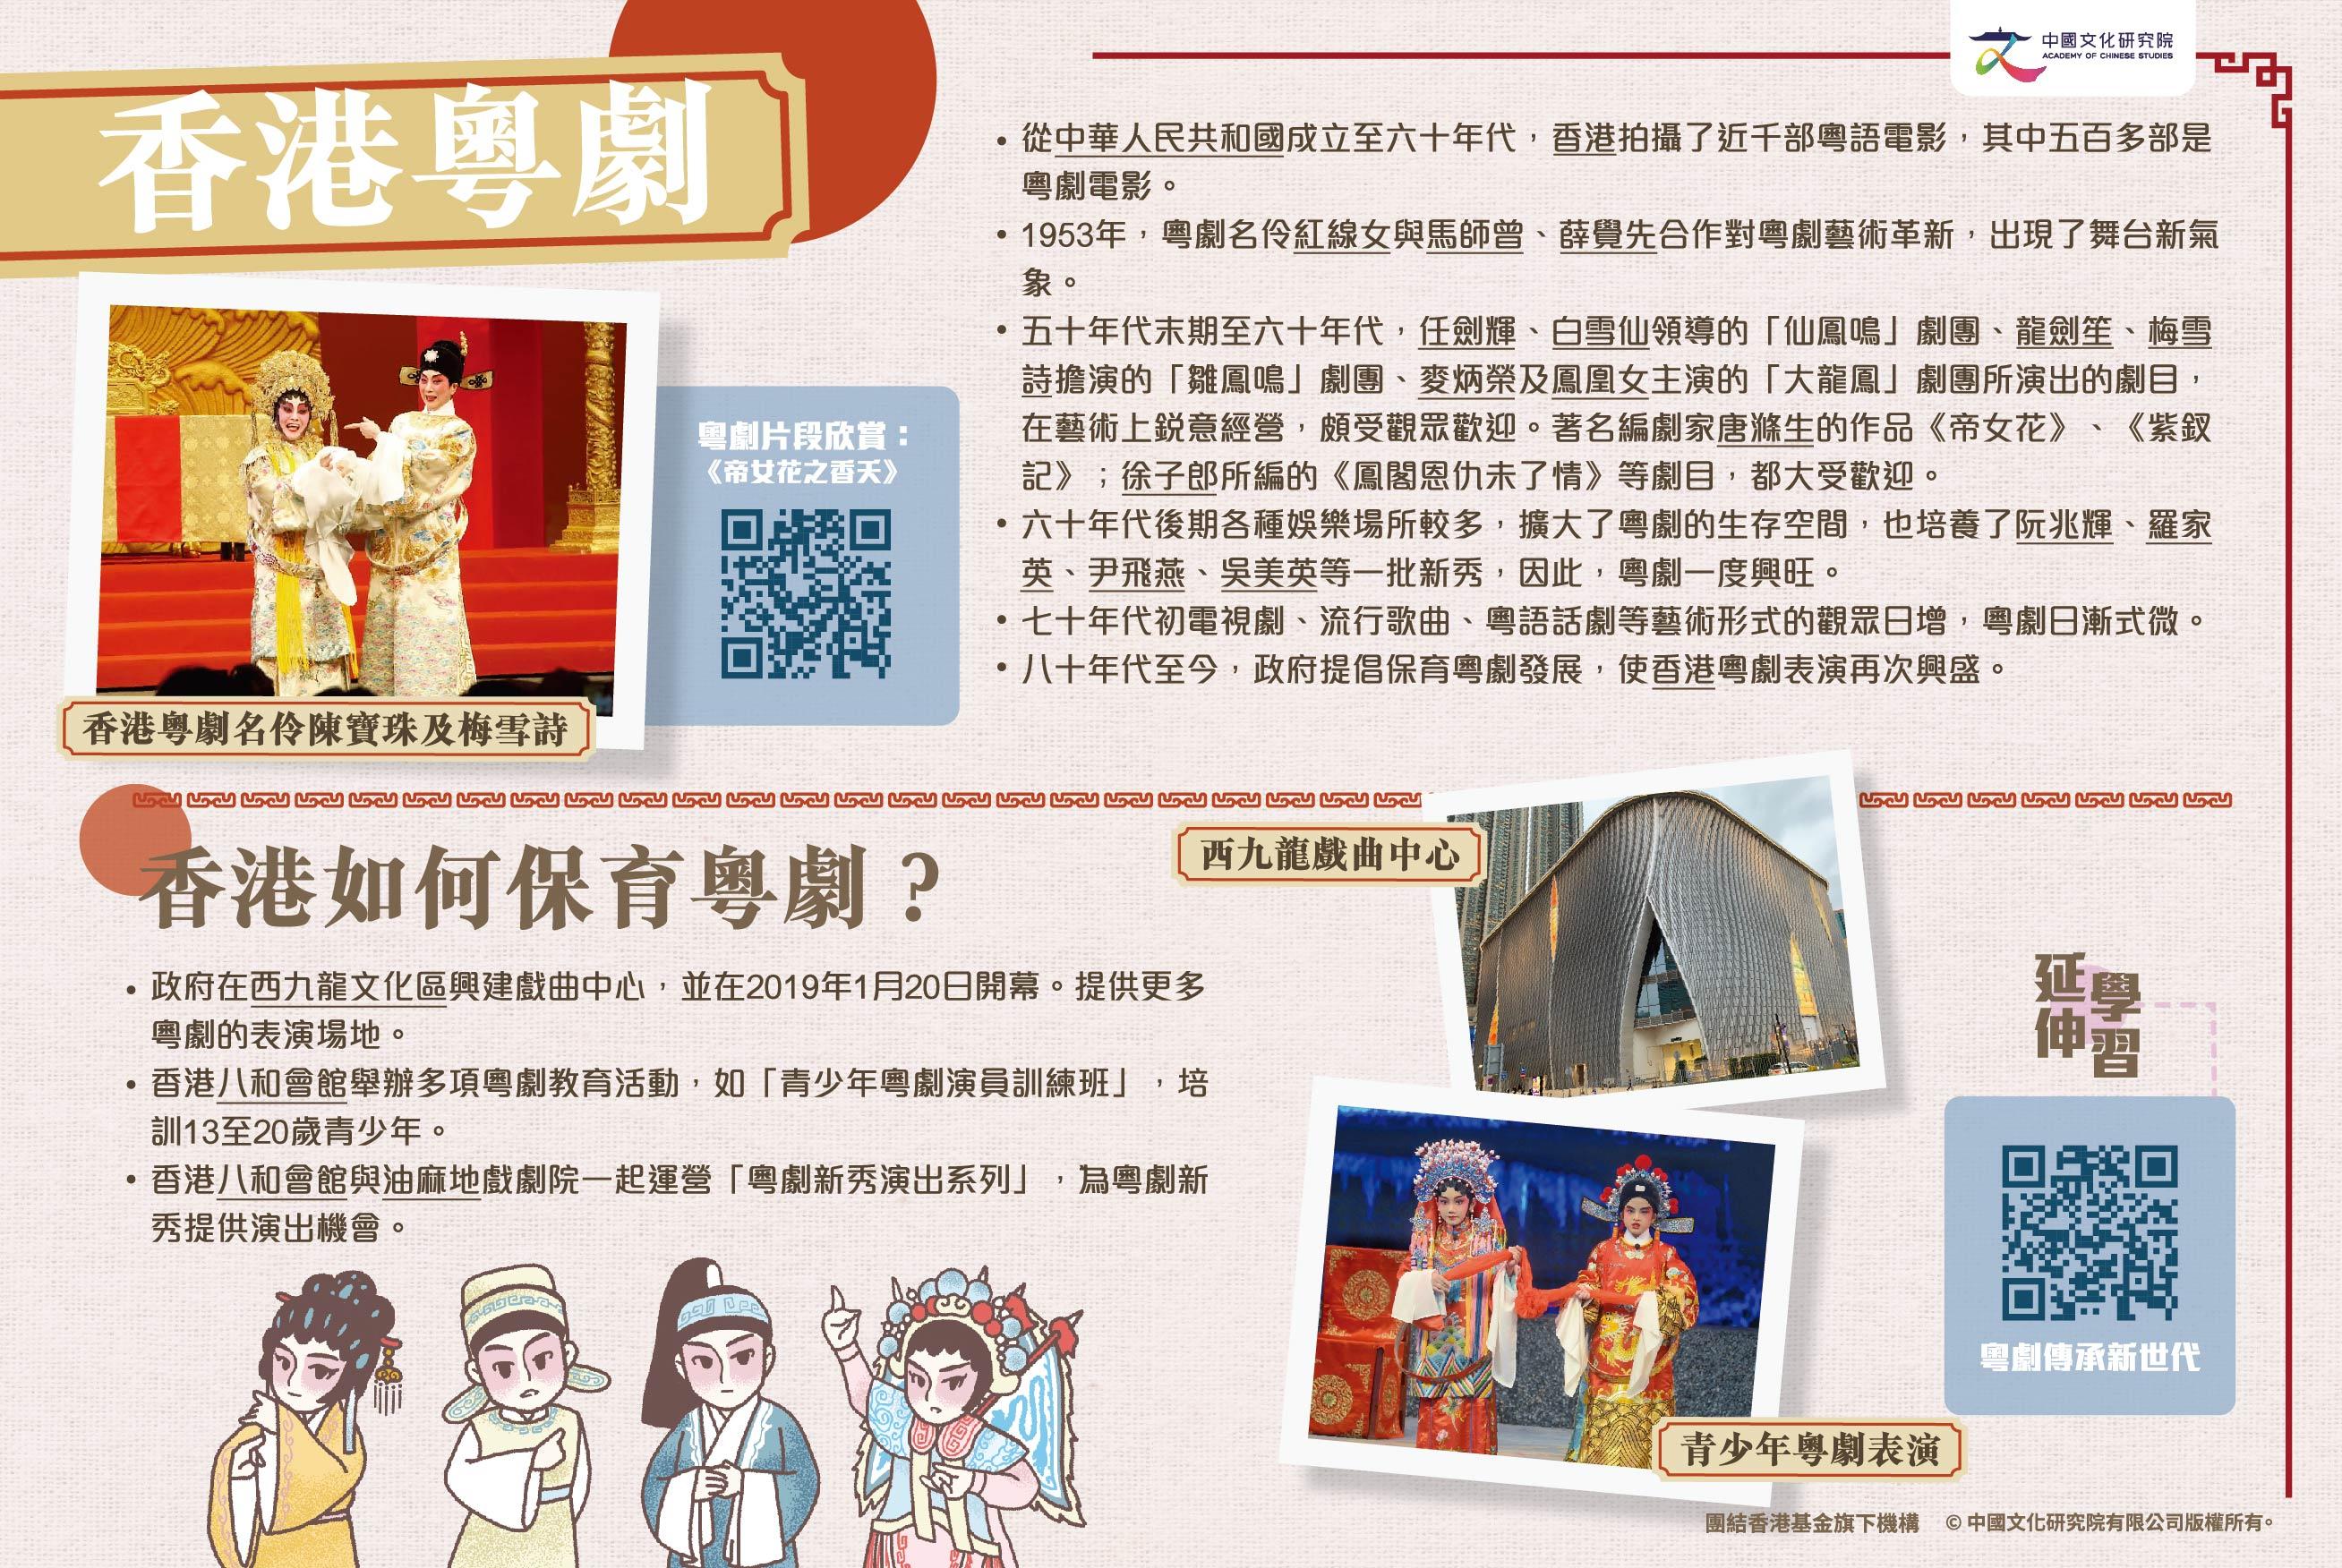 acs_zhongguominjianyishu_zhanbanop_6.8.nobleed_yueju2